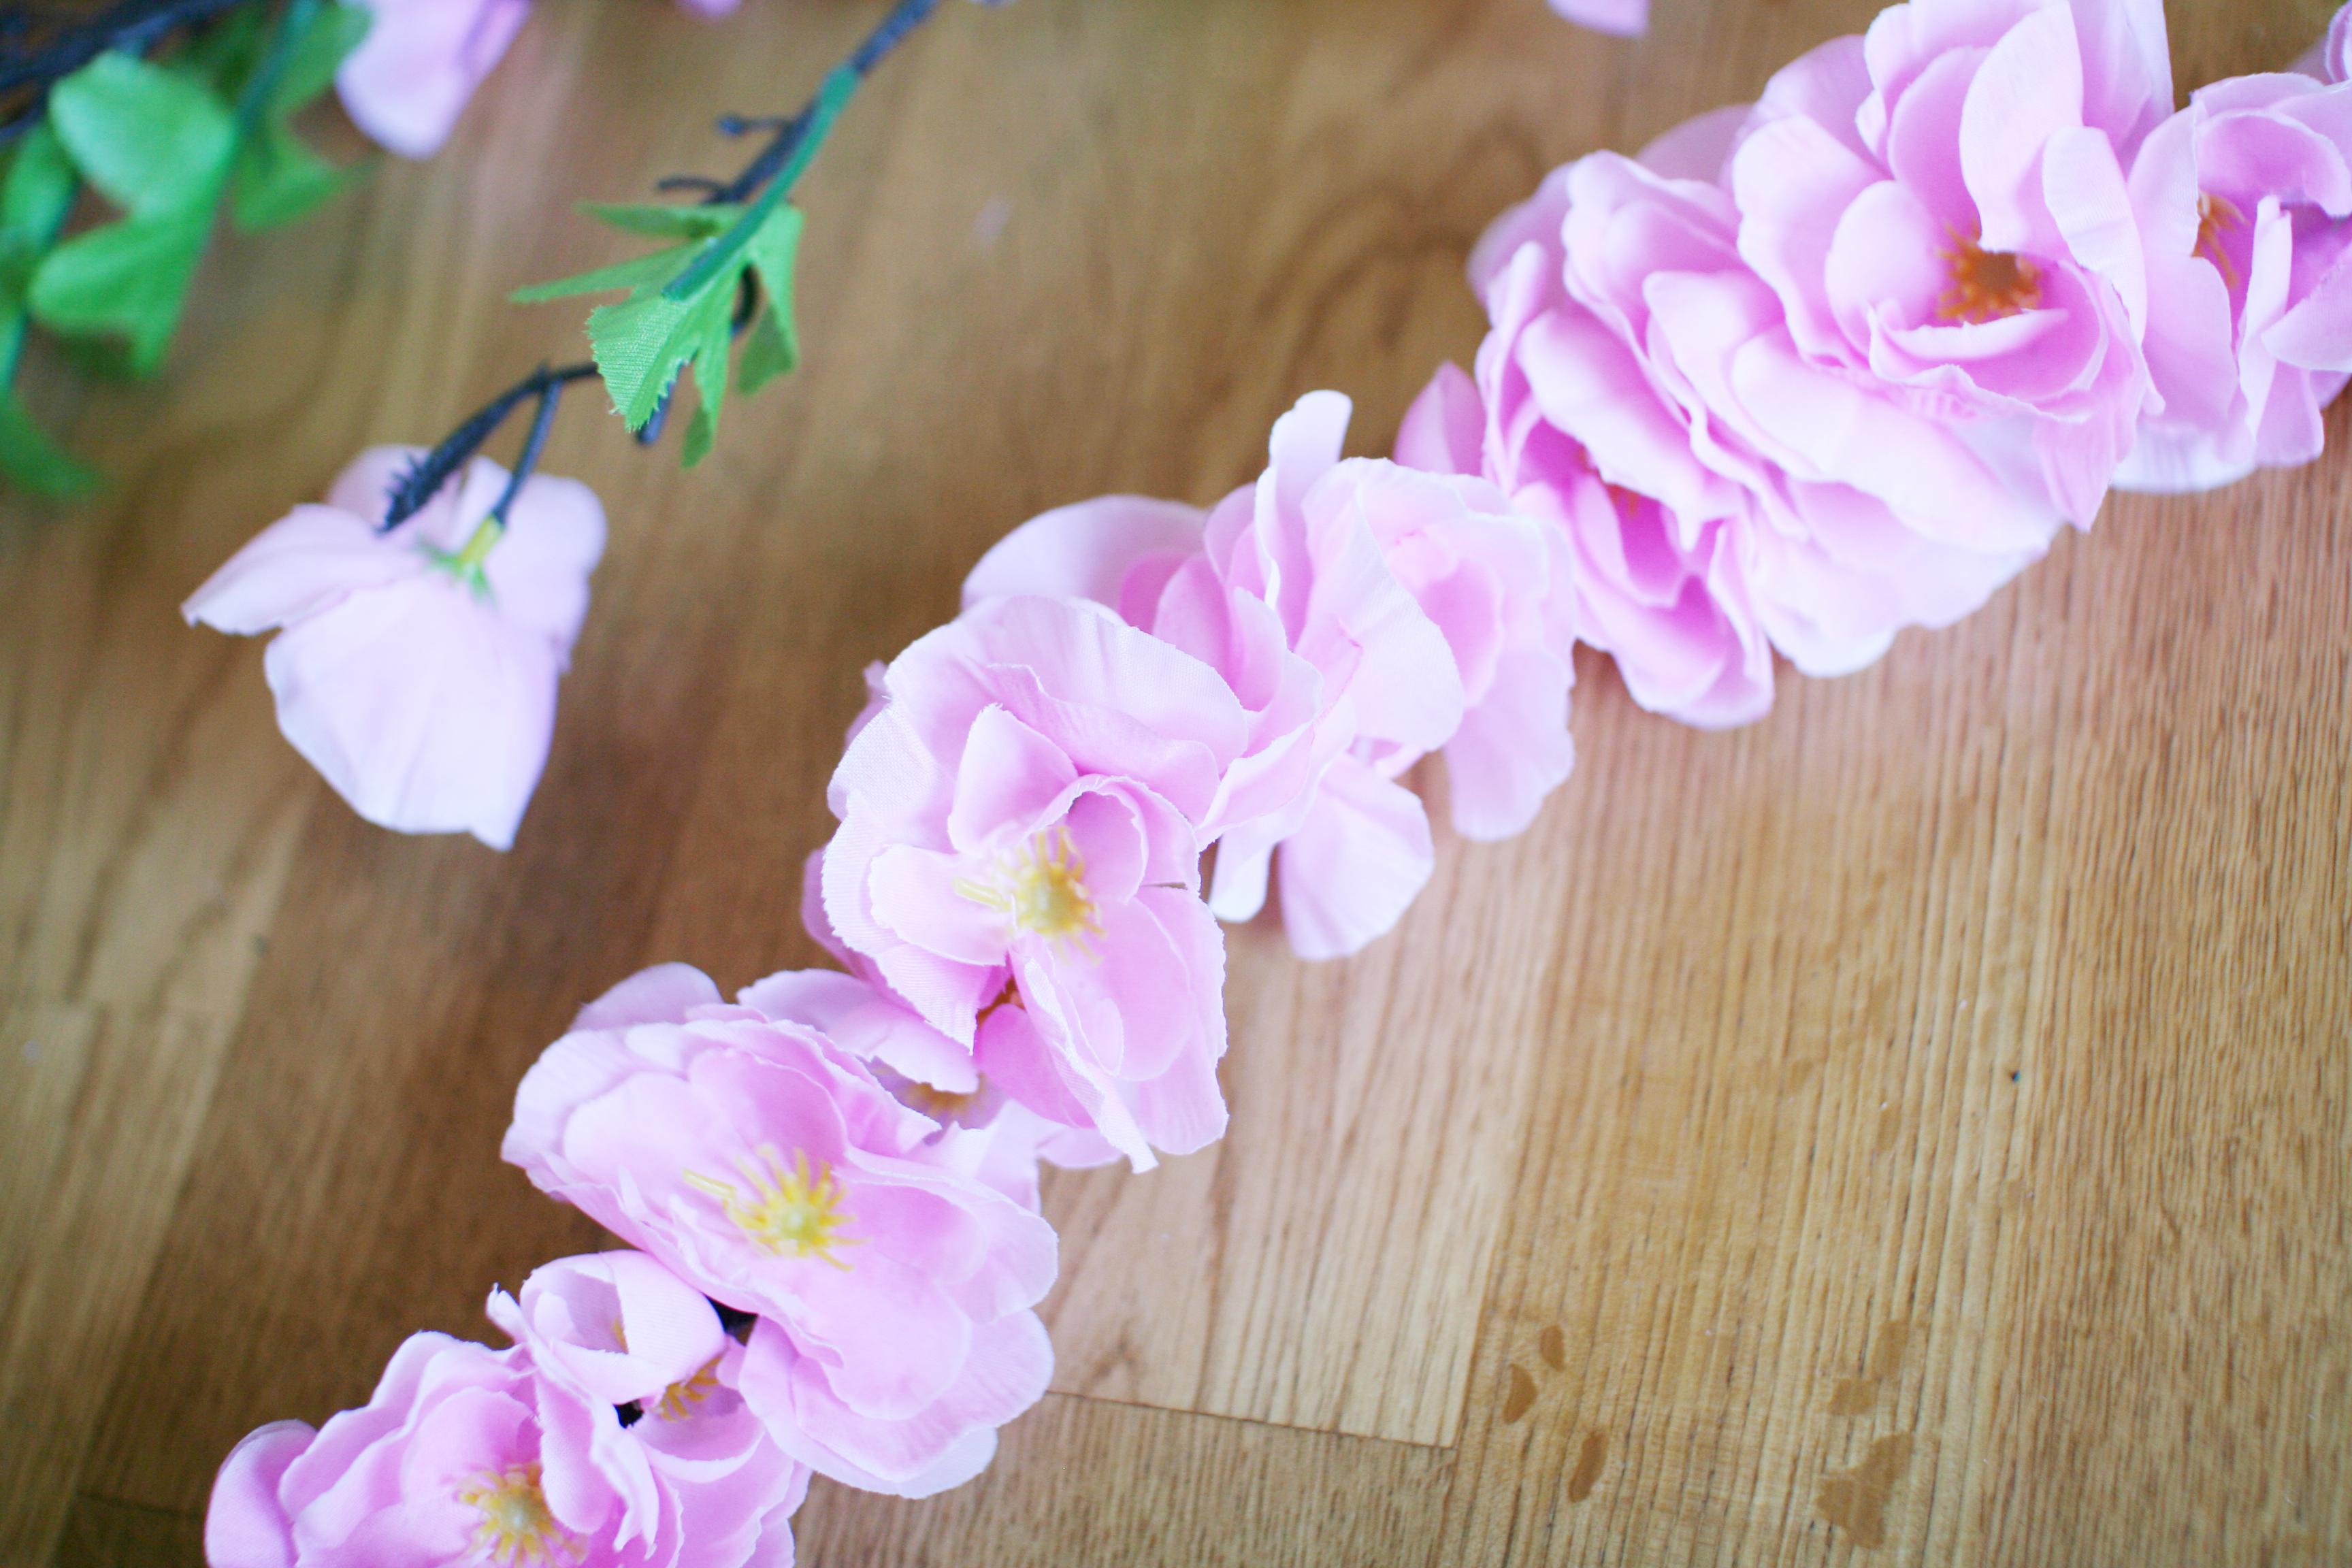 blommor i håret 010 - Kopia